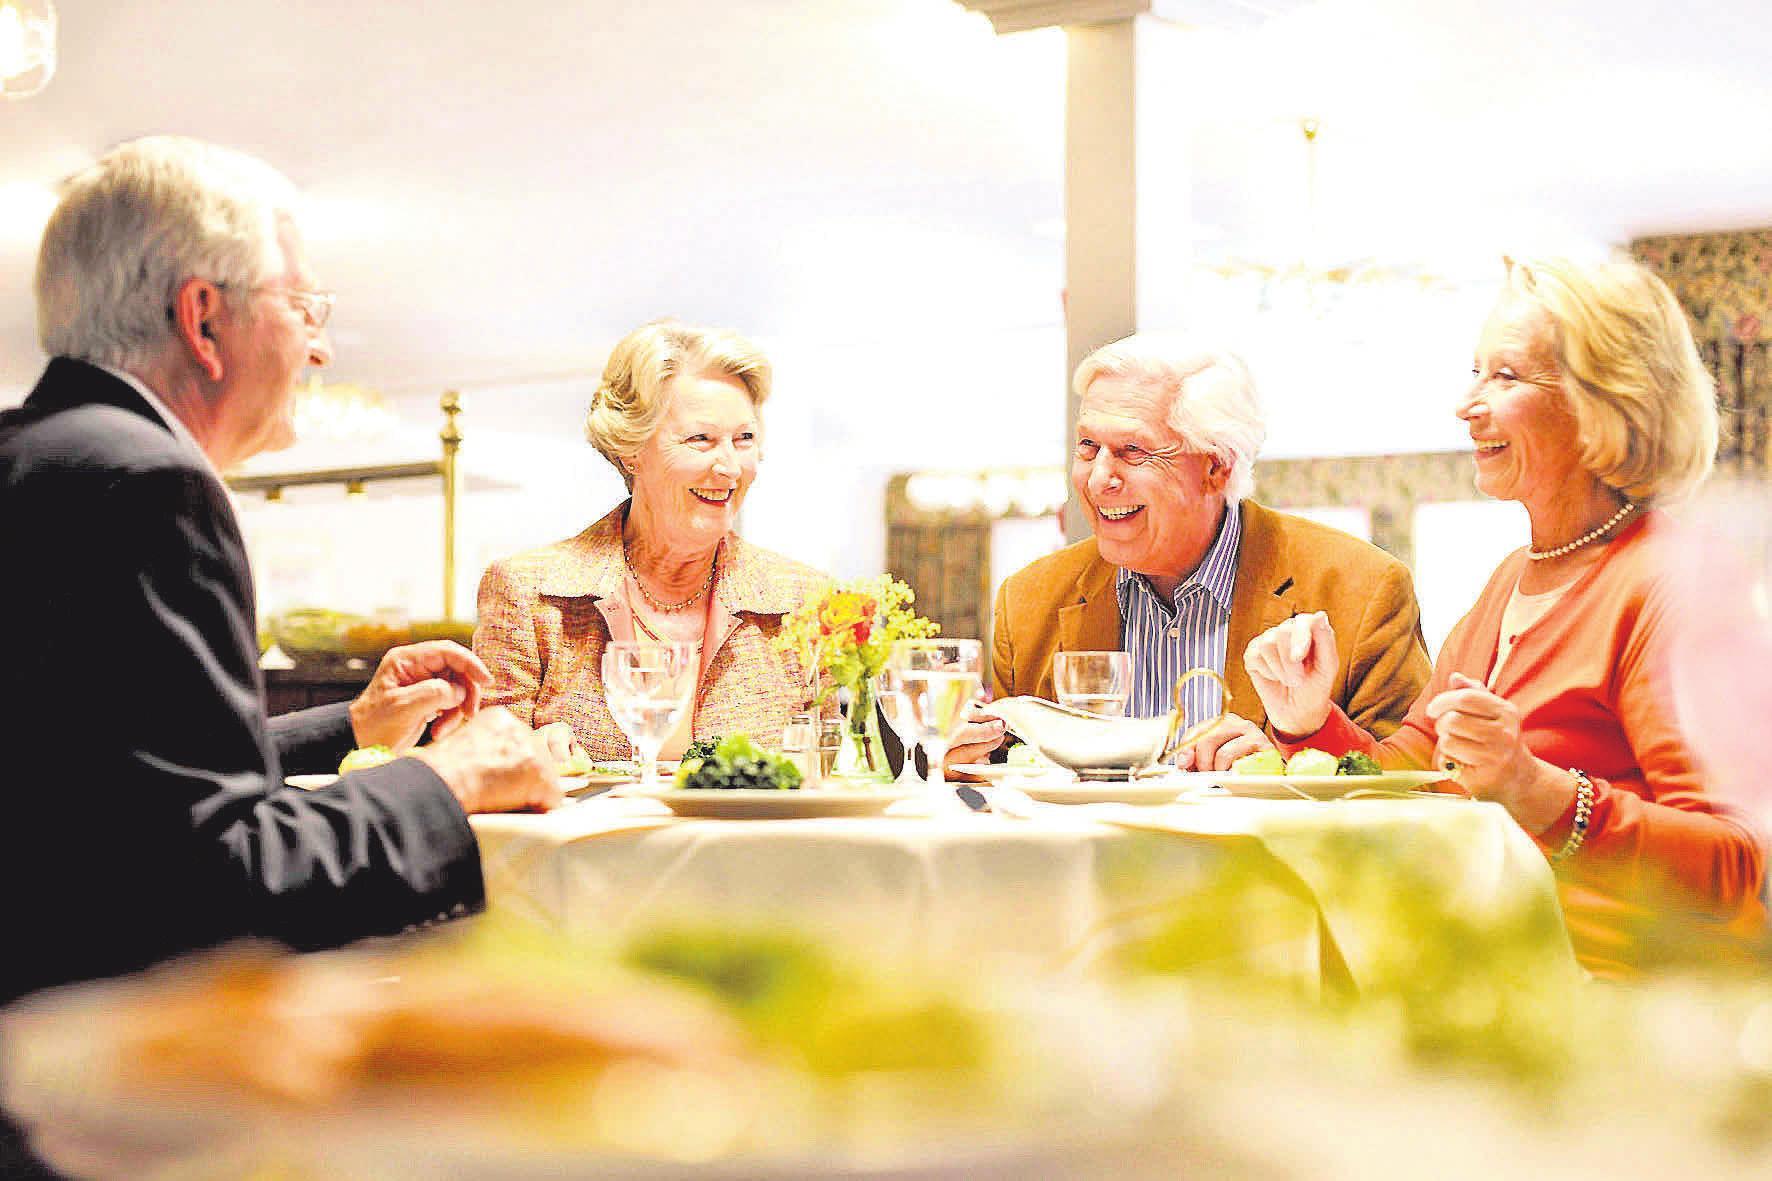 Geselligkeit wird in Seniorenwohnanlagen großgeschrieben. Gleichzeitig findet jeder das gewünschte Maß an Privatsphäre.